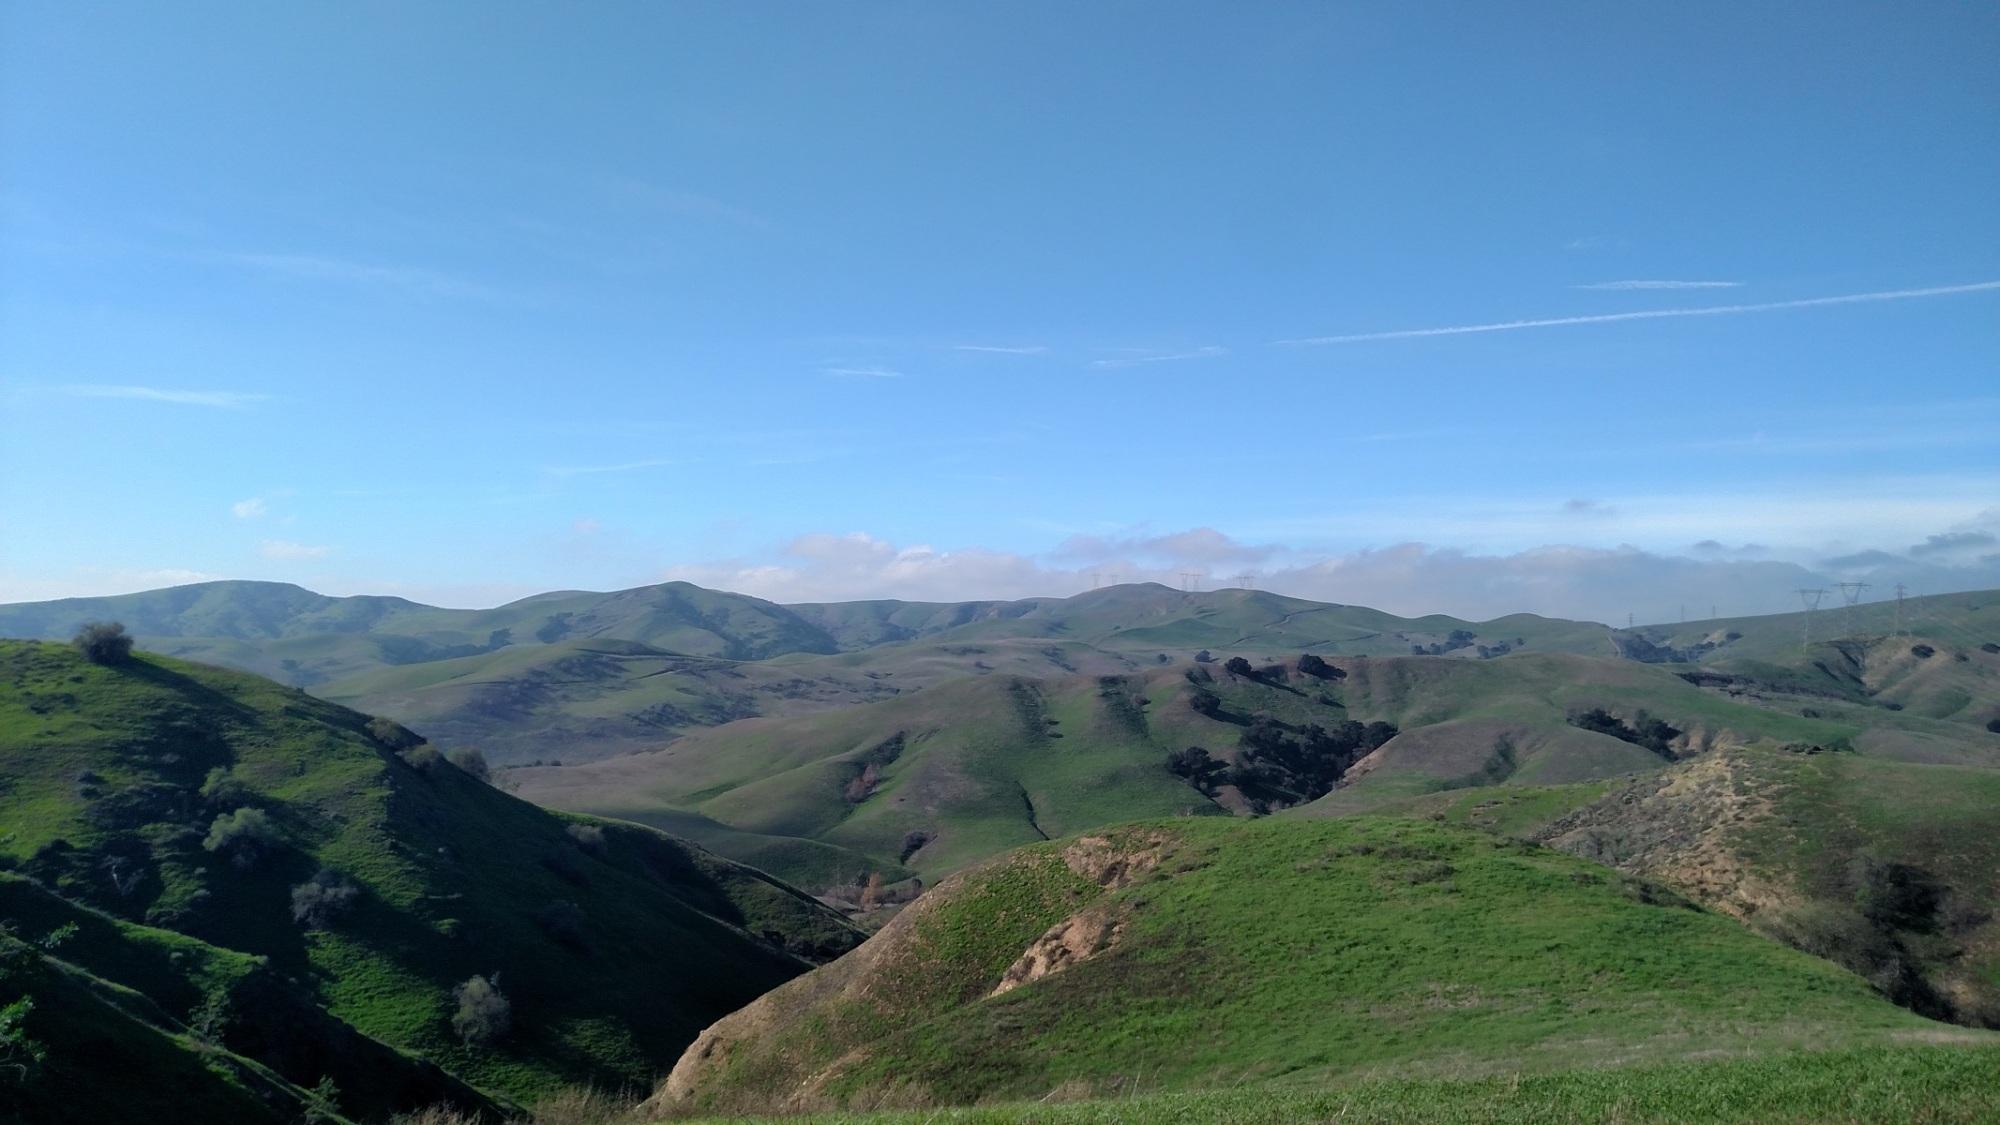 Bane Ridge Trail, Chino Hills, CA